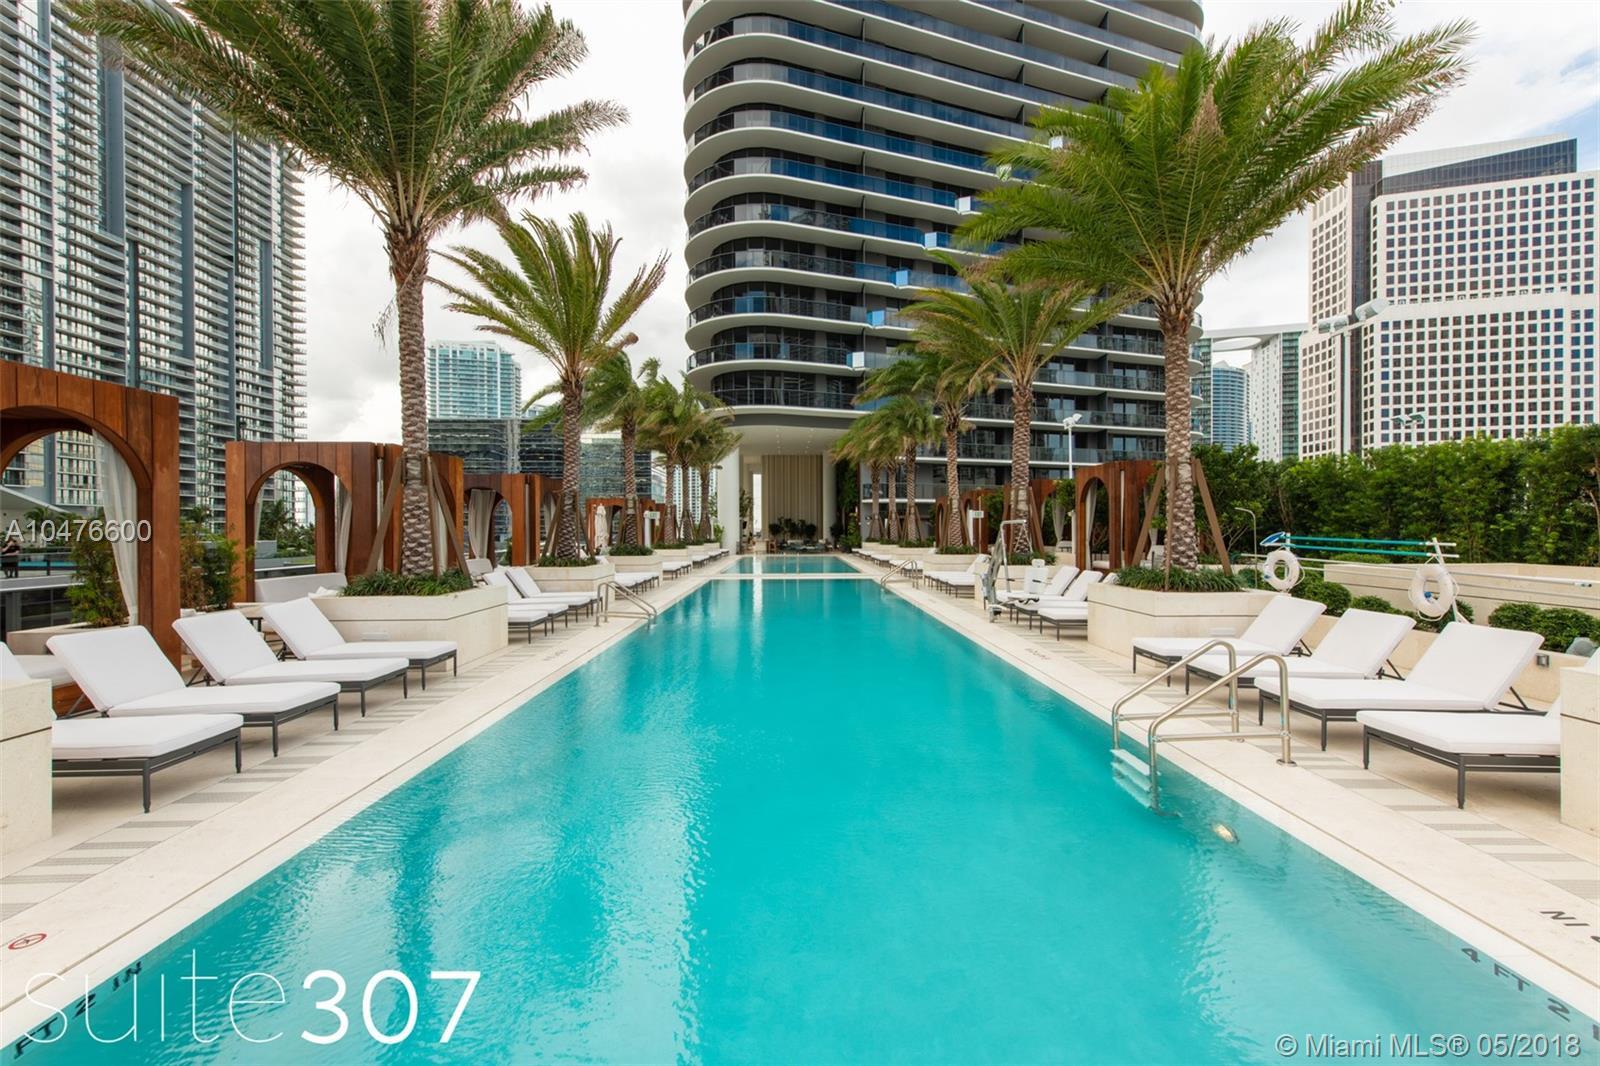 801 S Miami Ave #307, Miami FL, 33130